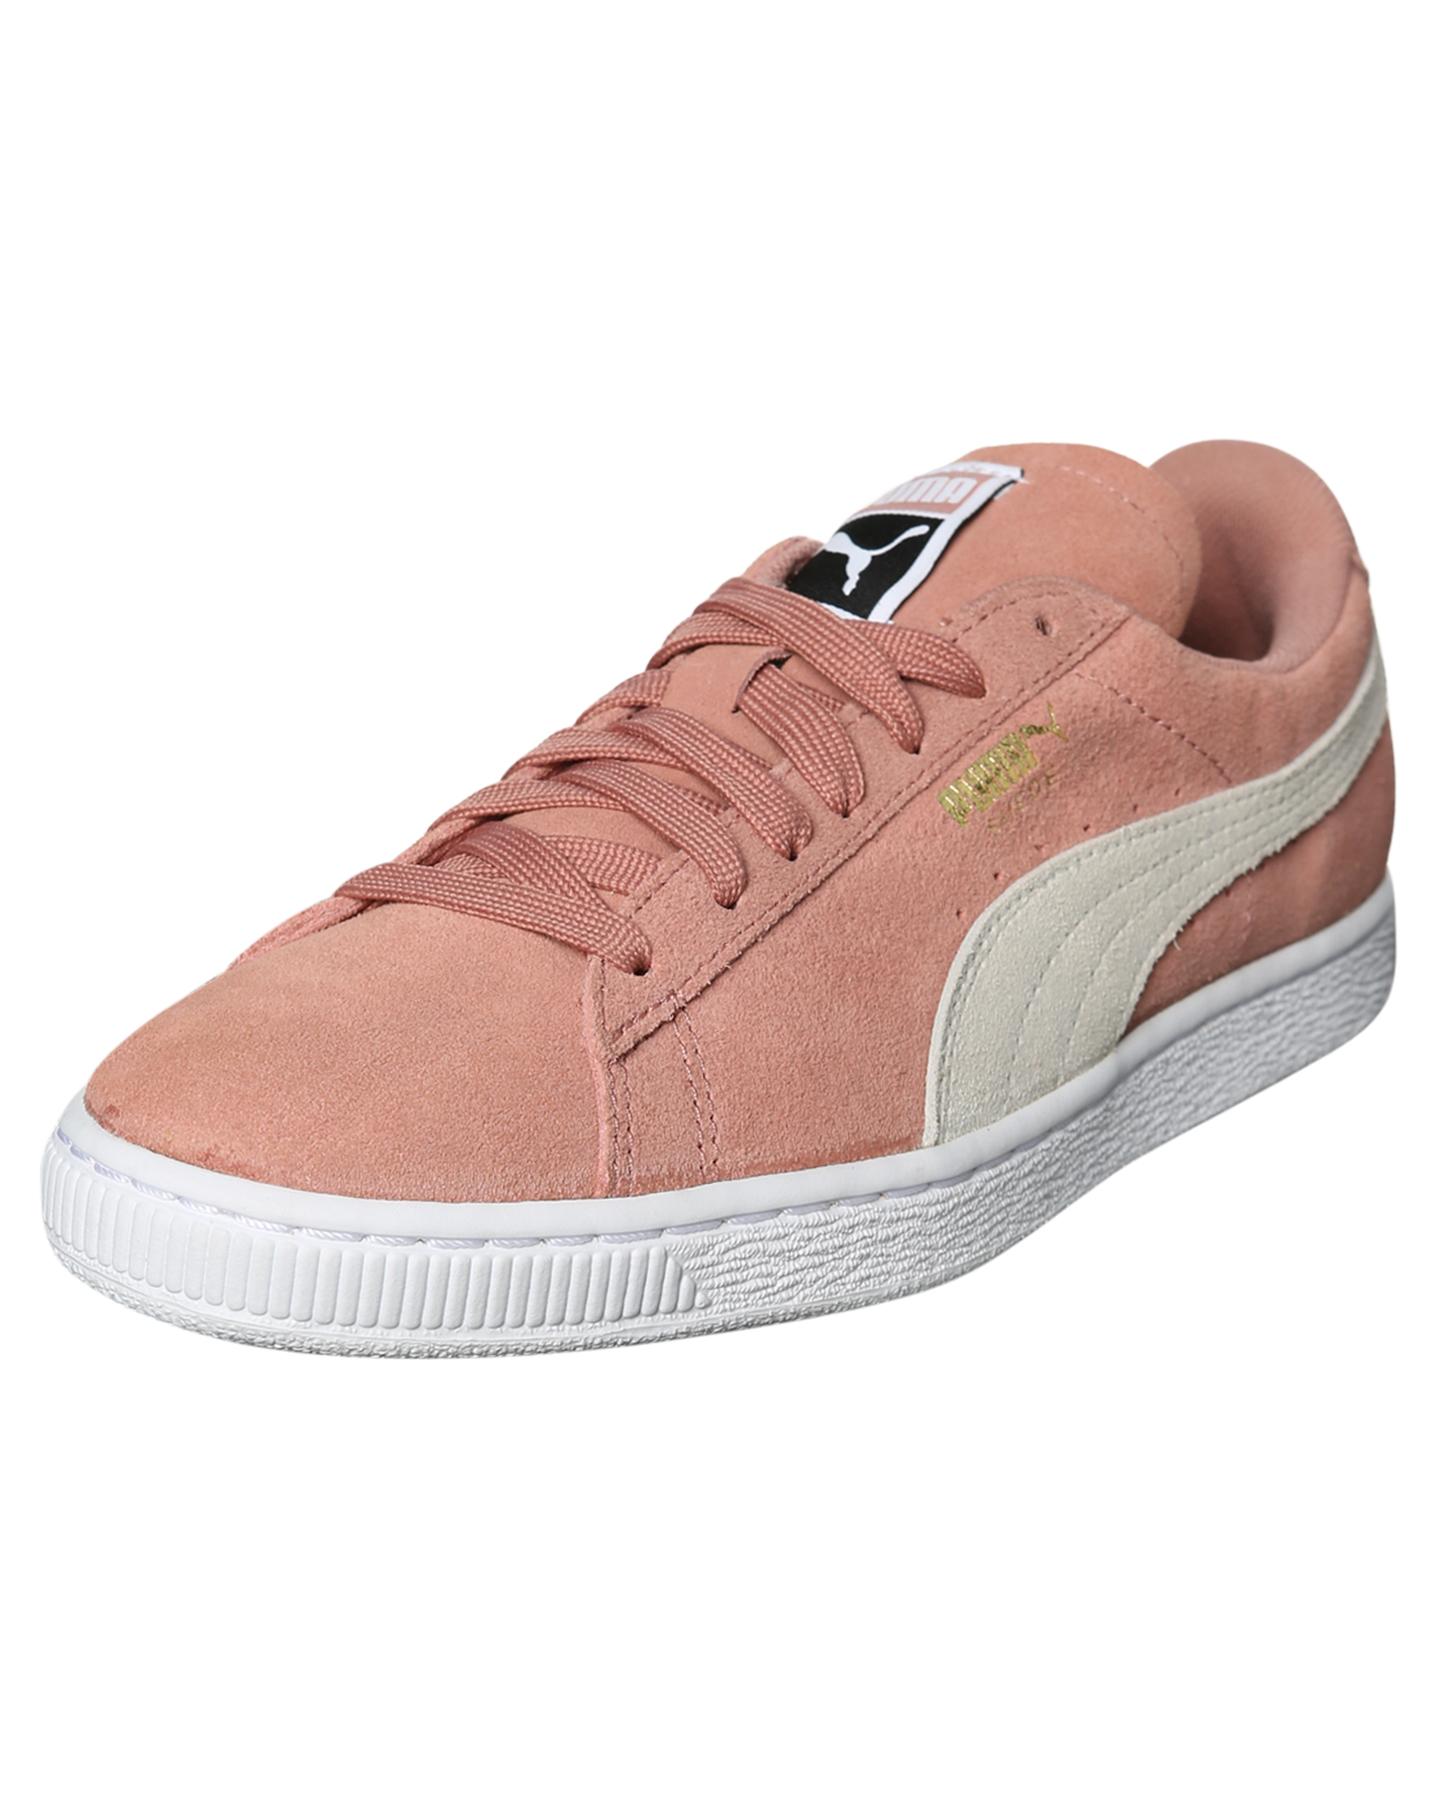 Puma Suede Classic Womens Sneaker